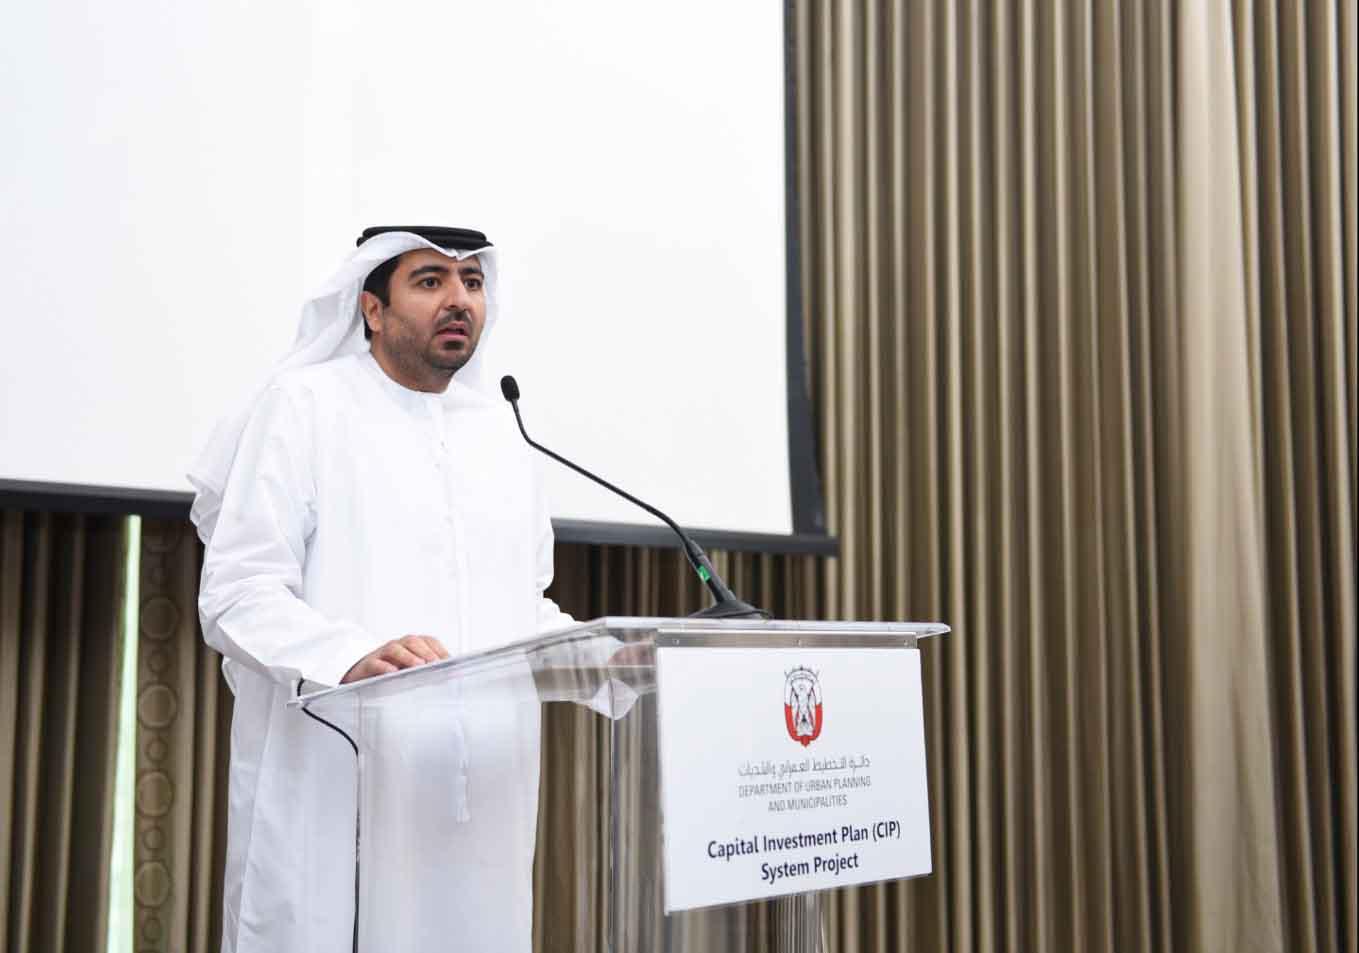 دائرة التخطيط العمراني والبلديات تكشف عن نظام جديد للمشاريع الرأسمالية في أبوظبي. 1